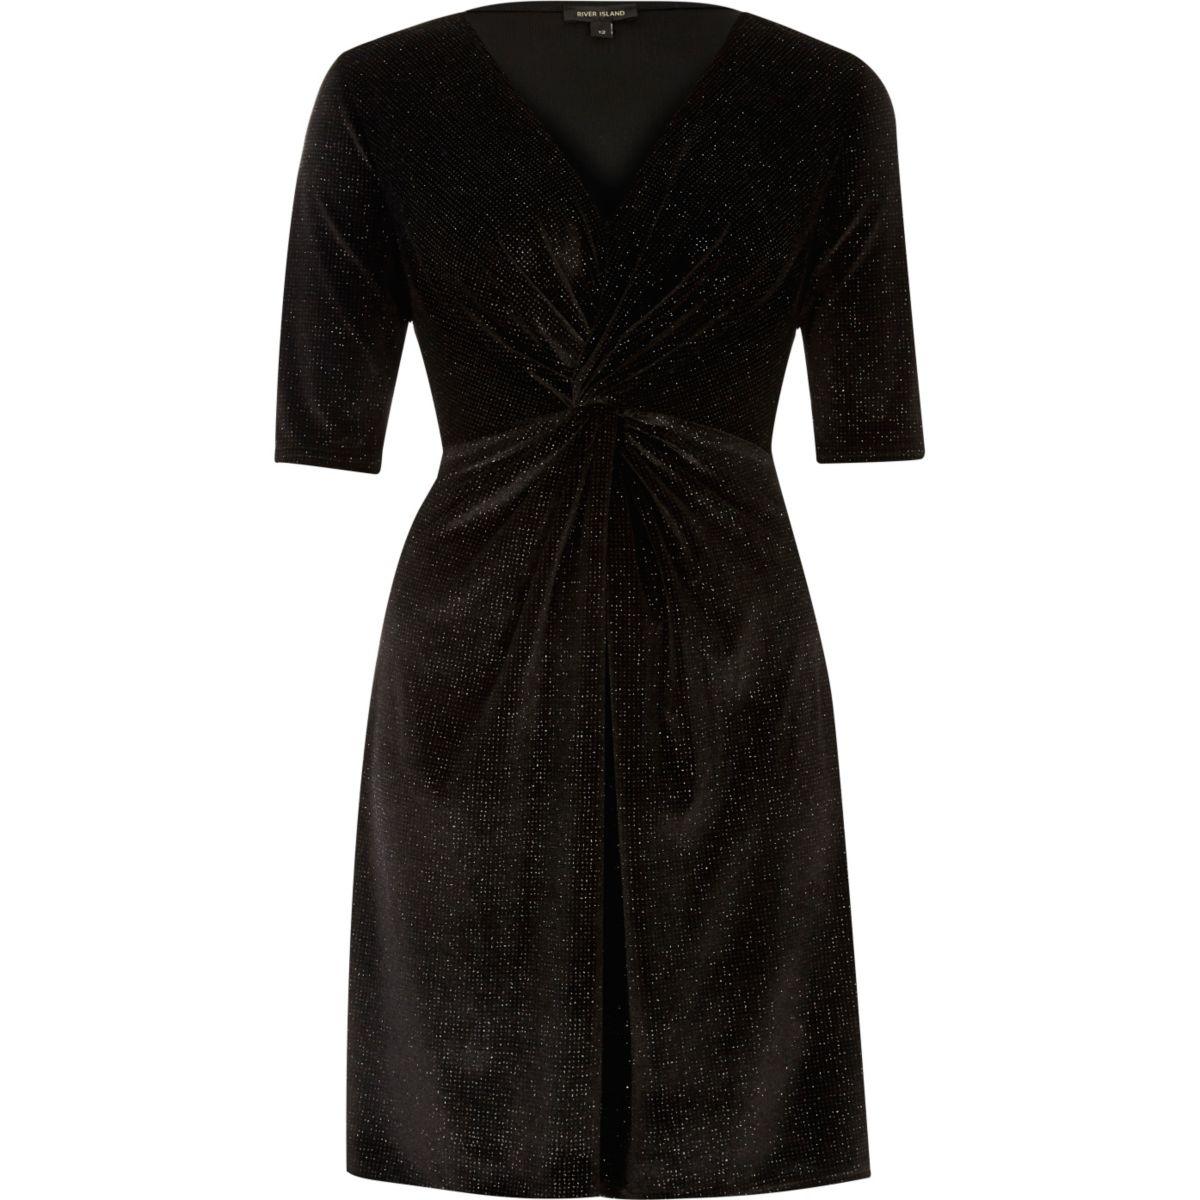 Black sparkly velvet knot dress